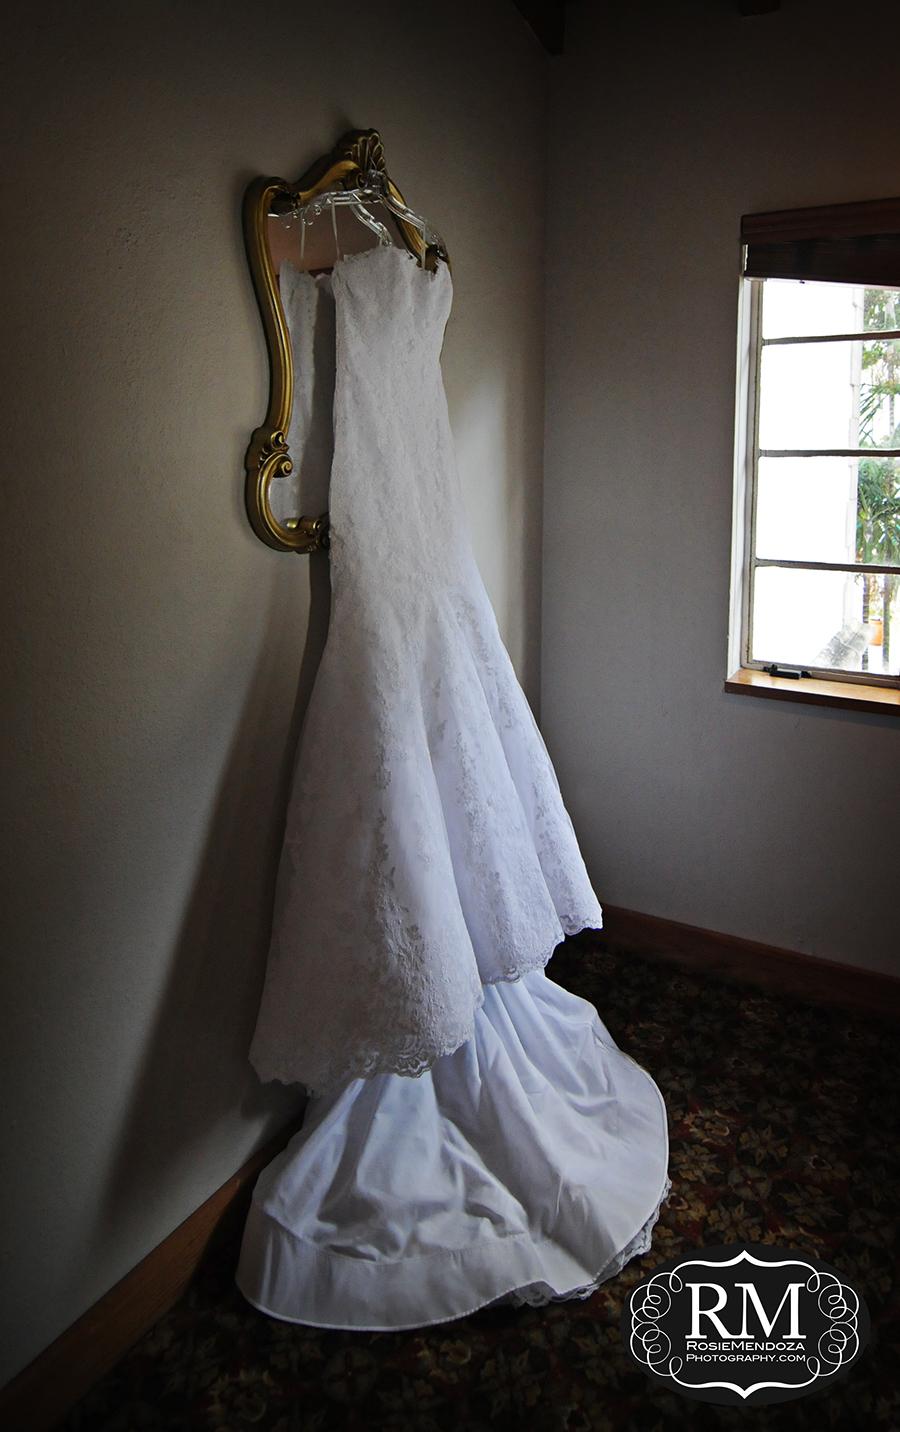 Wedding dress still